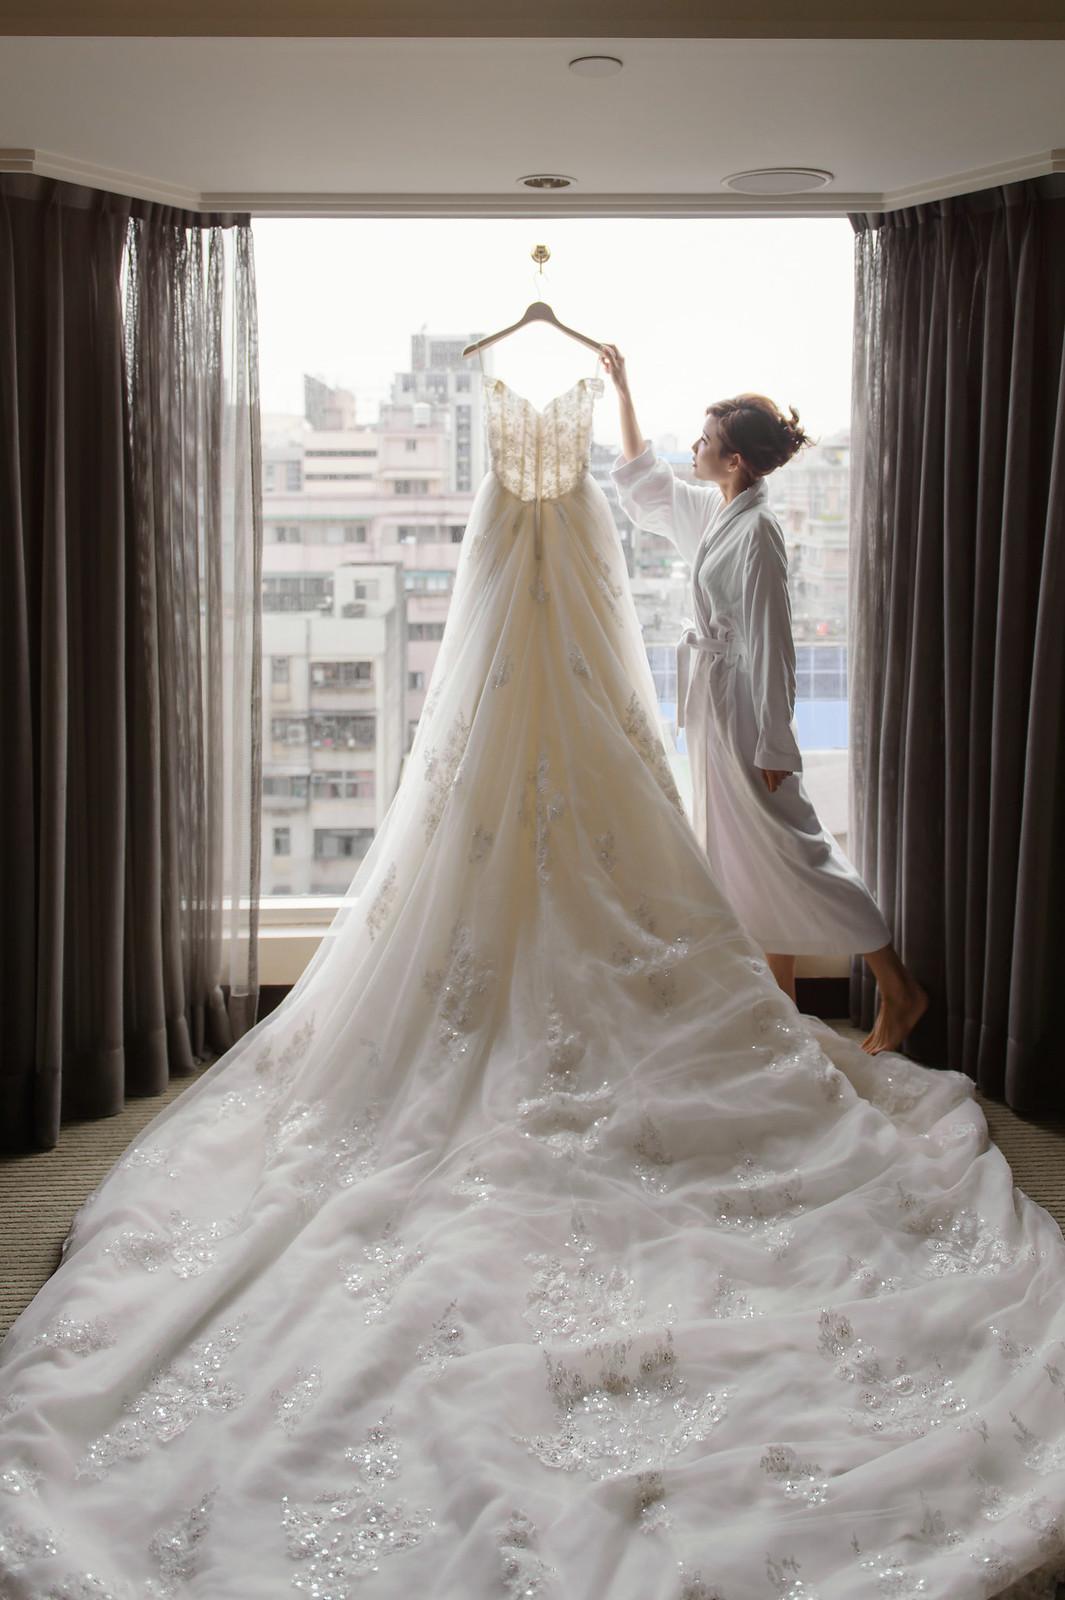 台北婚攝, 婚禮攝影, 婚攝, 婚攝守恆, 婚攝推薦, 晶華酒店, 晶華酒店婚宴, 晶華酒店婚攝-5